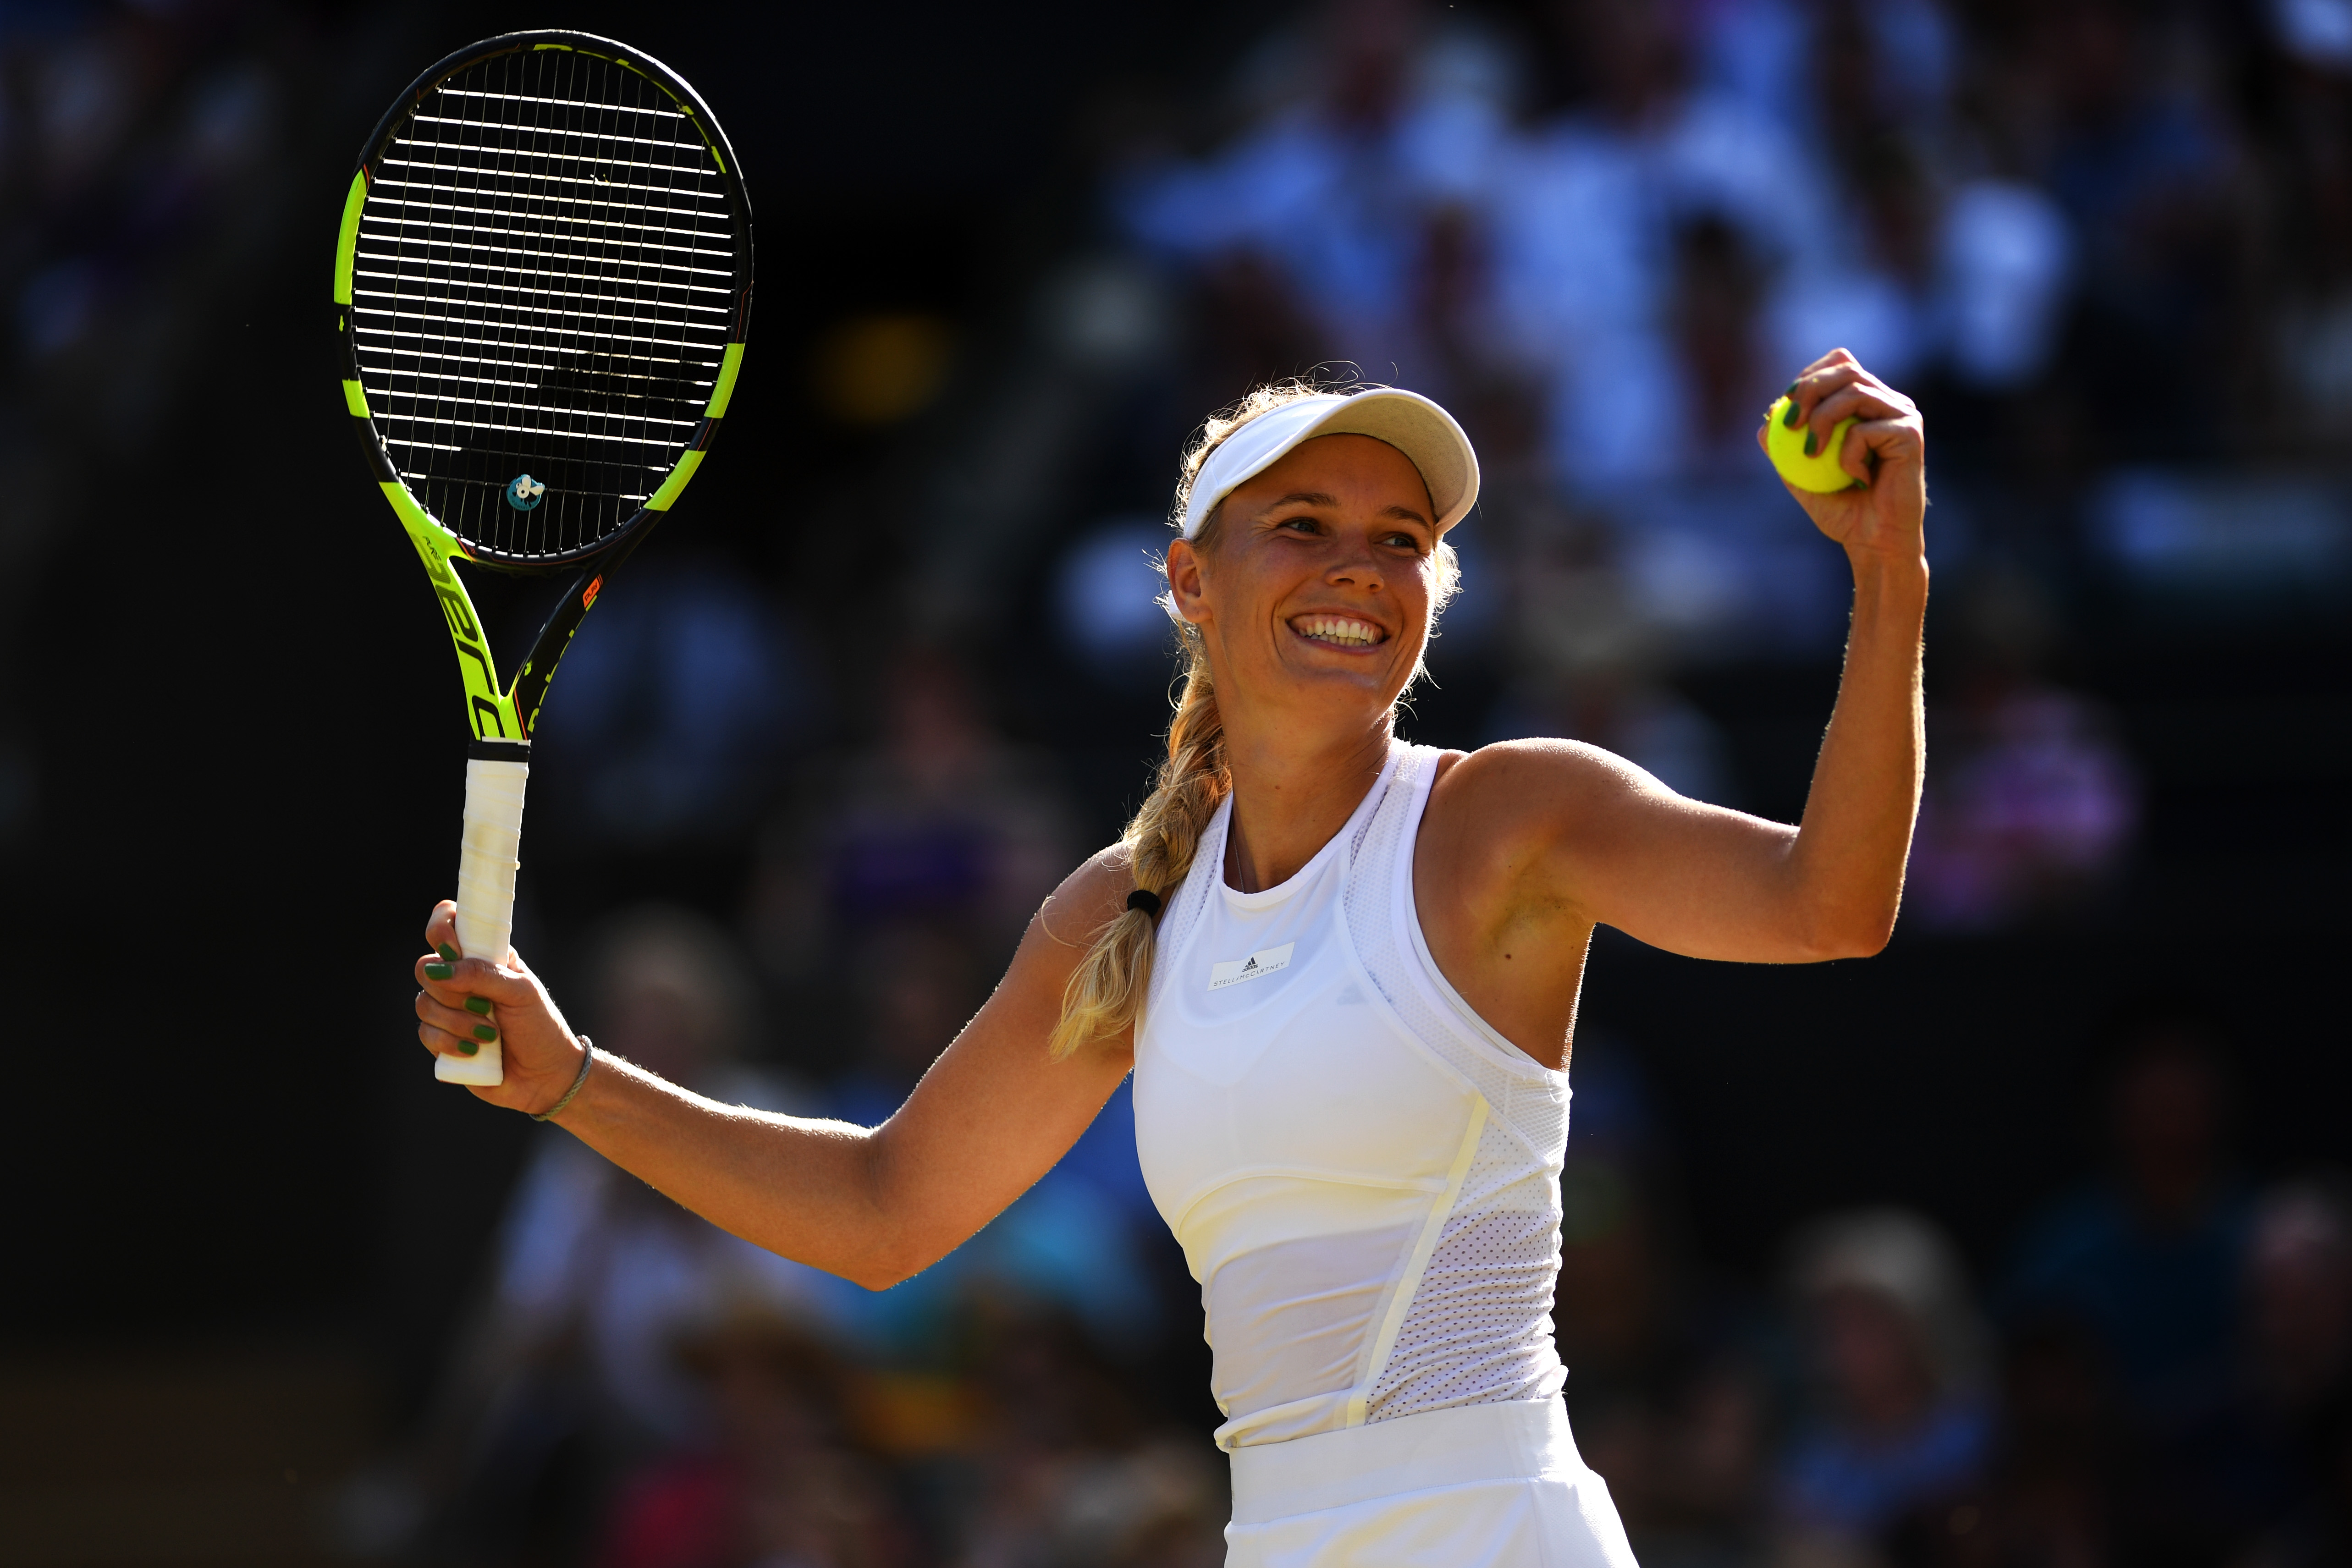 Day Six: The Championships - Wimbledon 2017